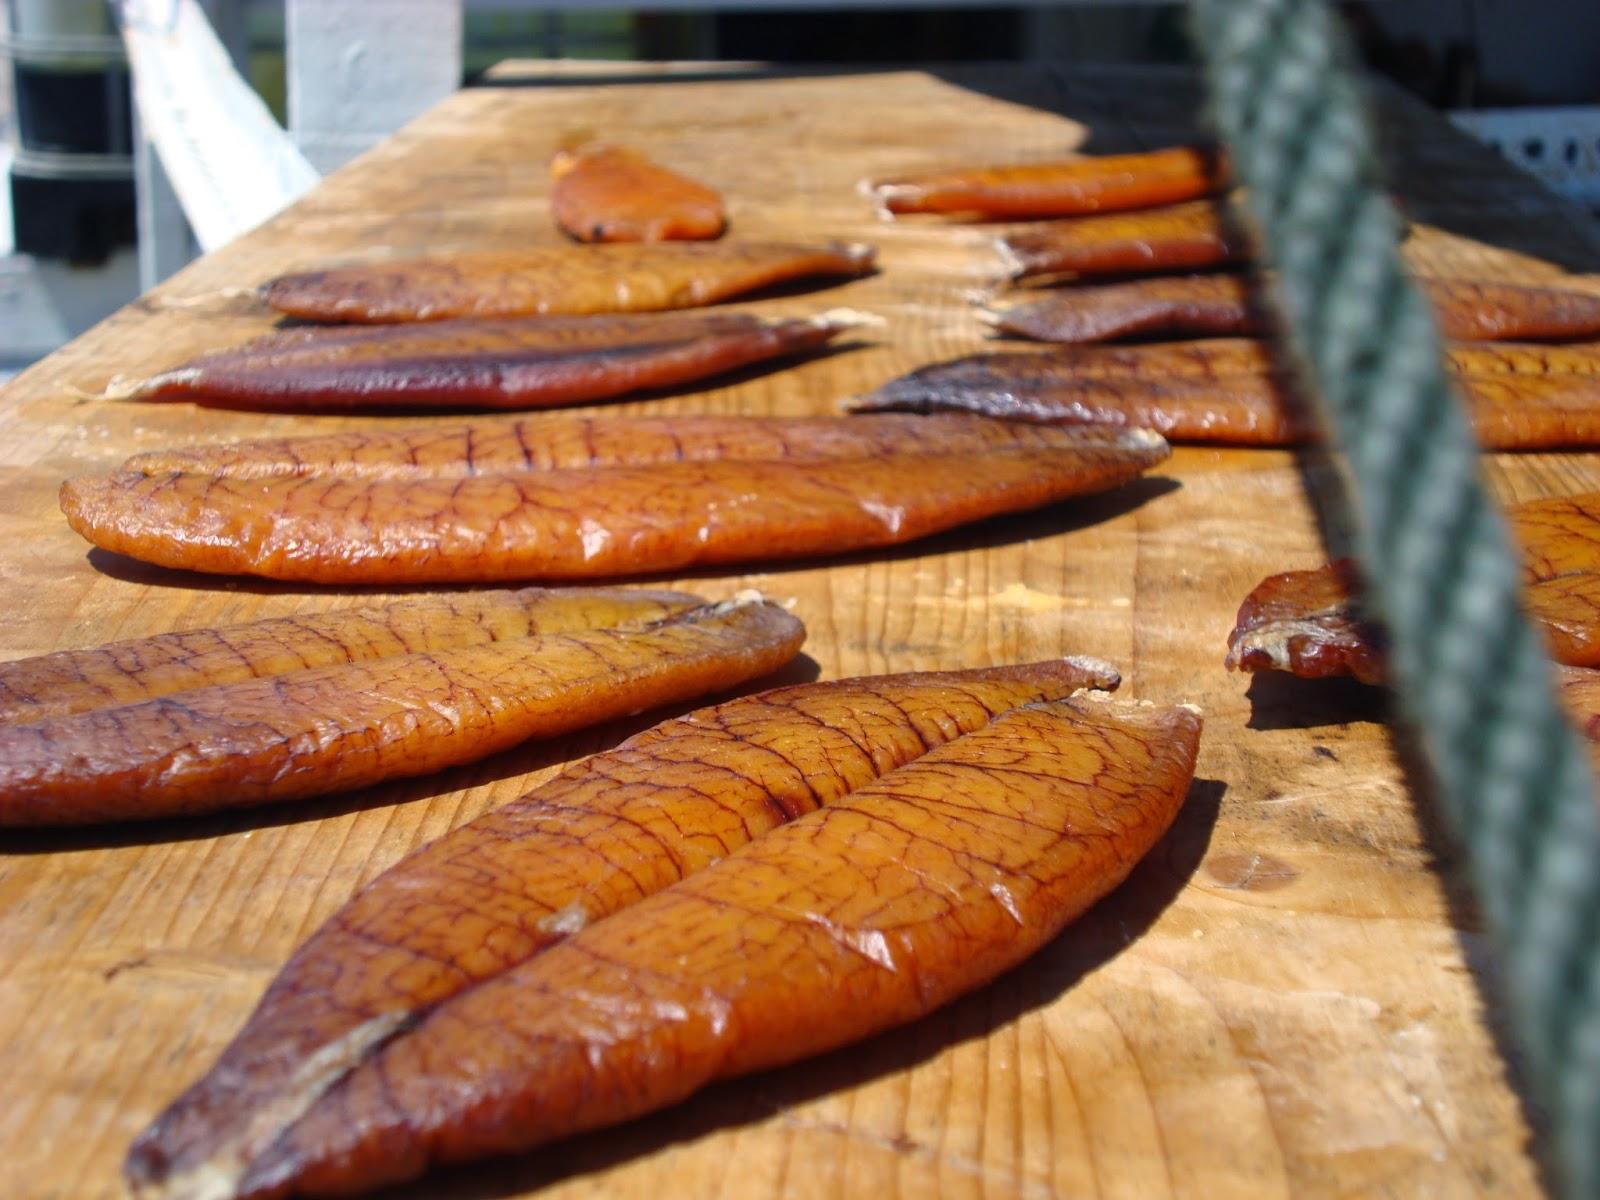 cocina de ceuta huevas secas de bonito cocina de ceuta